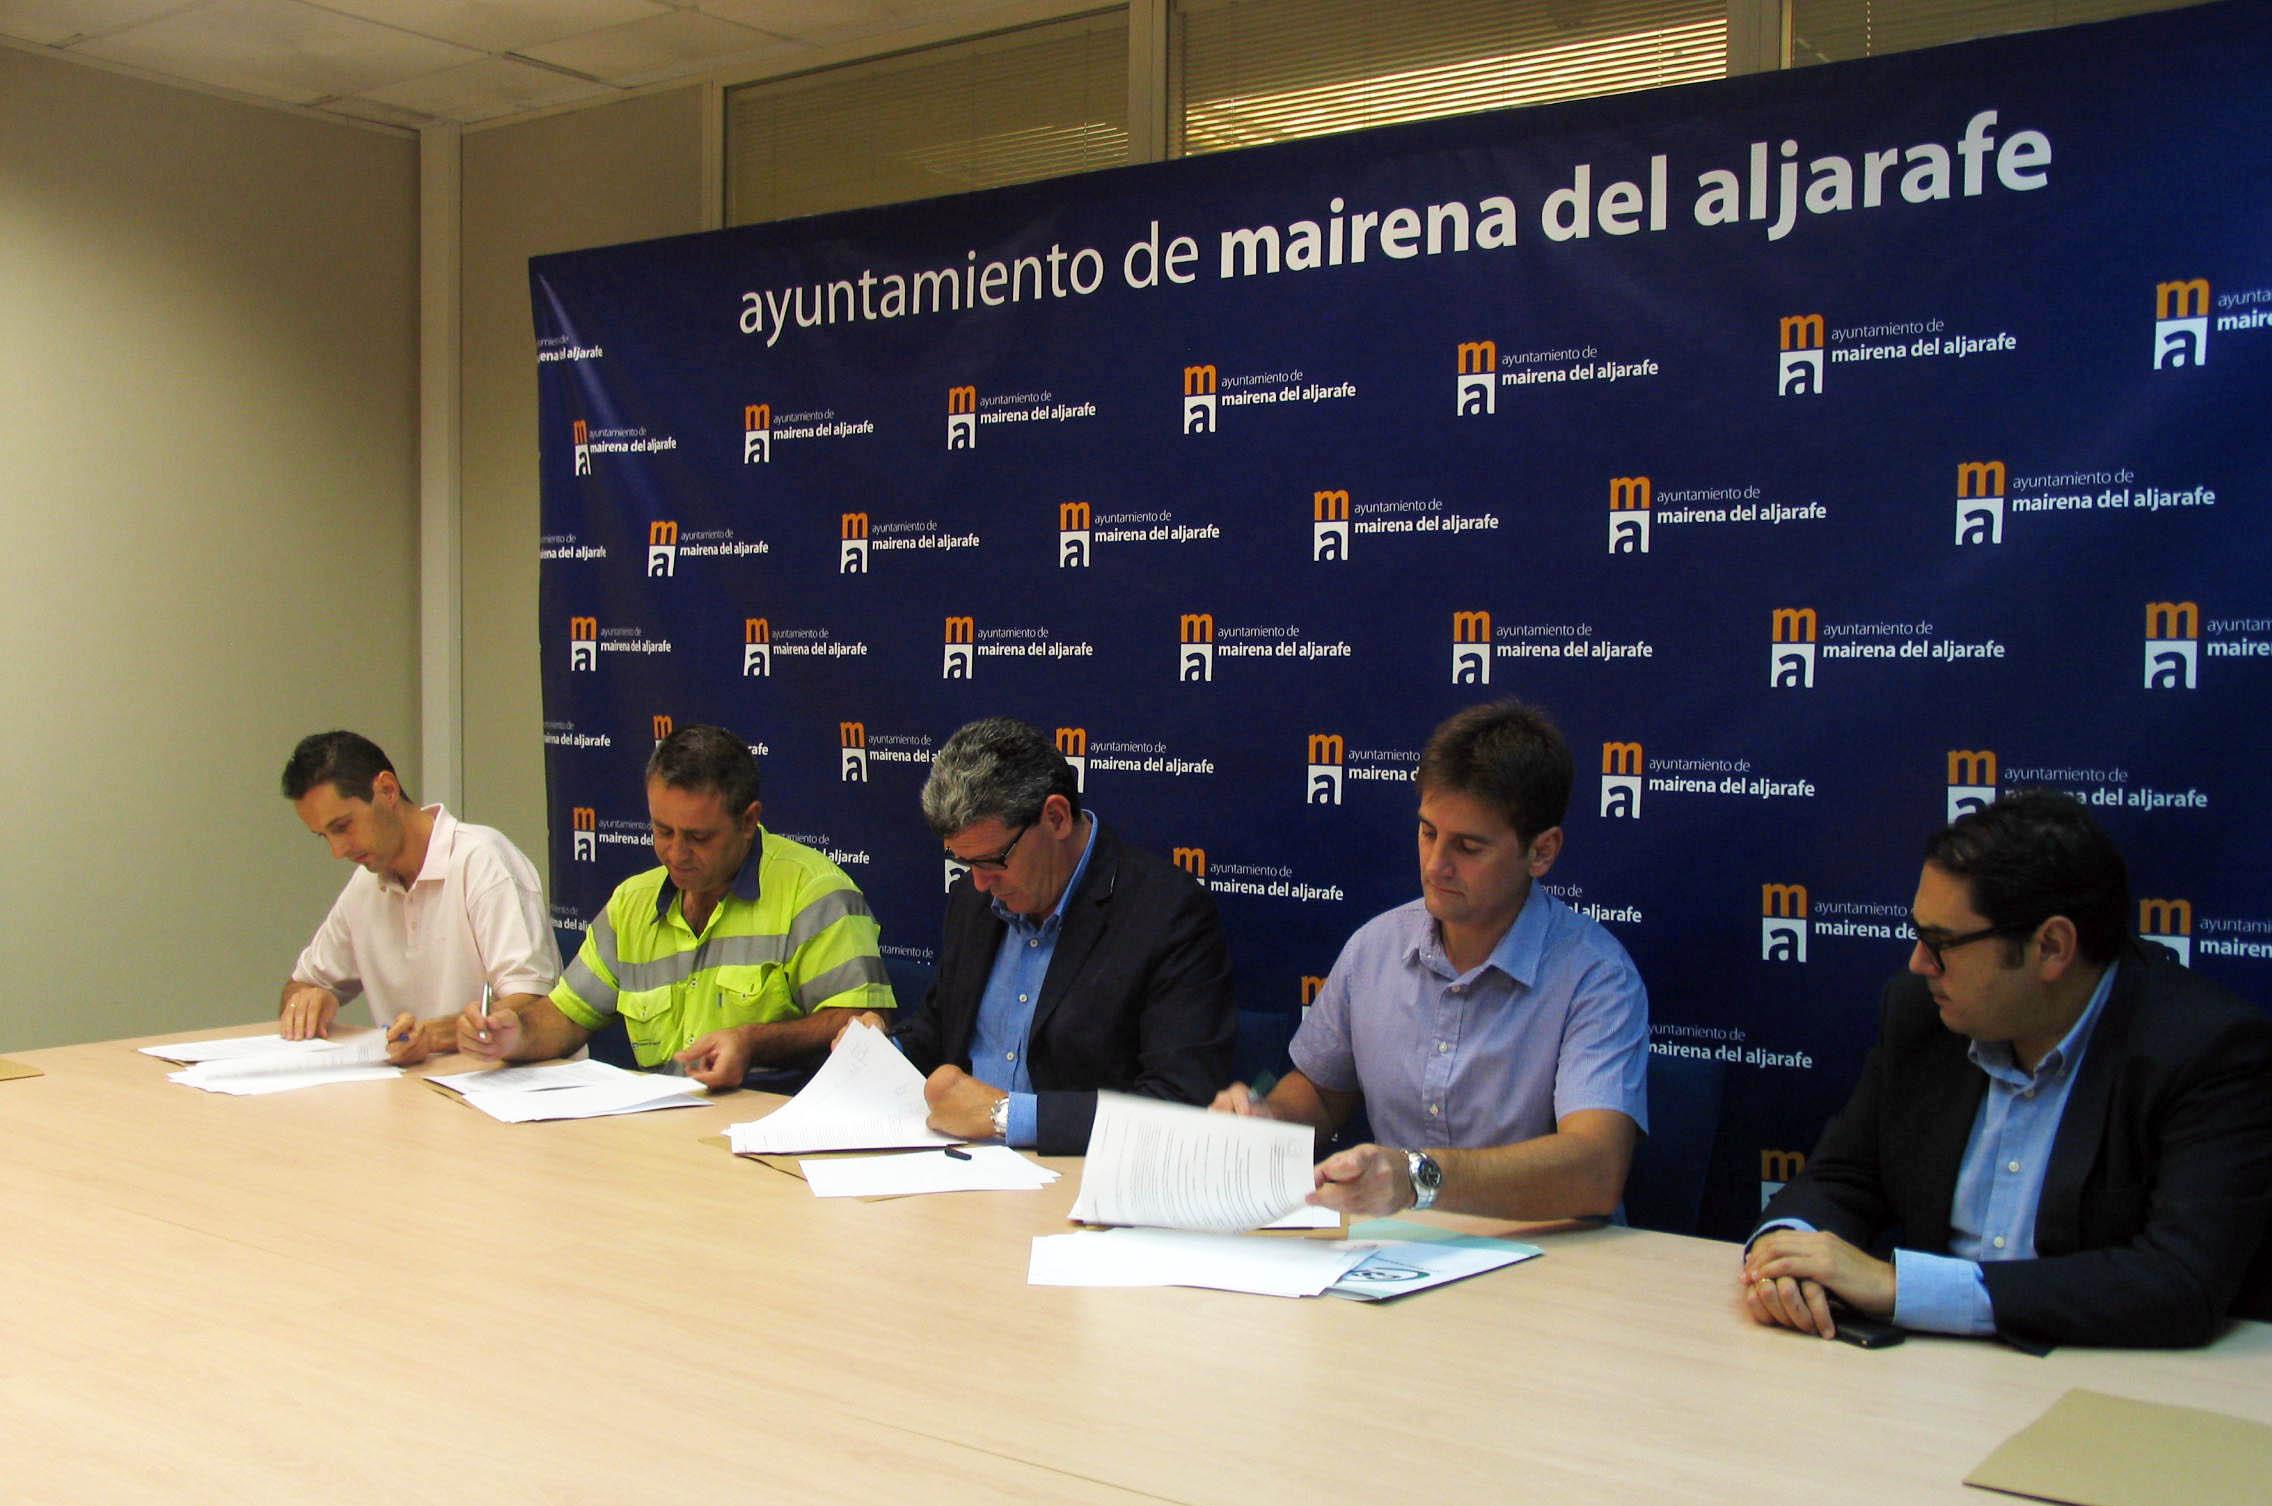 Acuerdo para acabar con la precariedad laboral en el - Vpo mairena del aljarafe ...